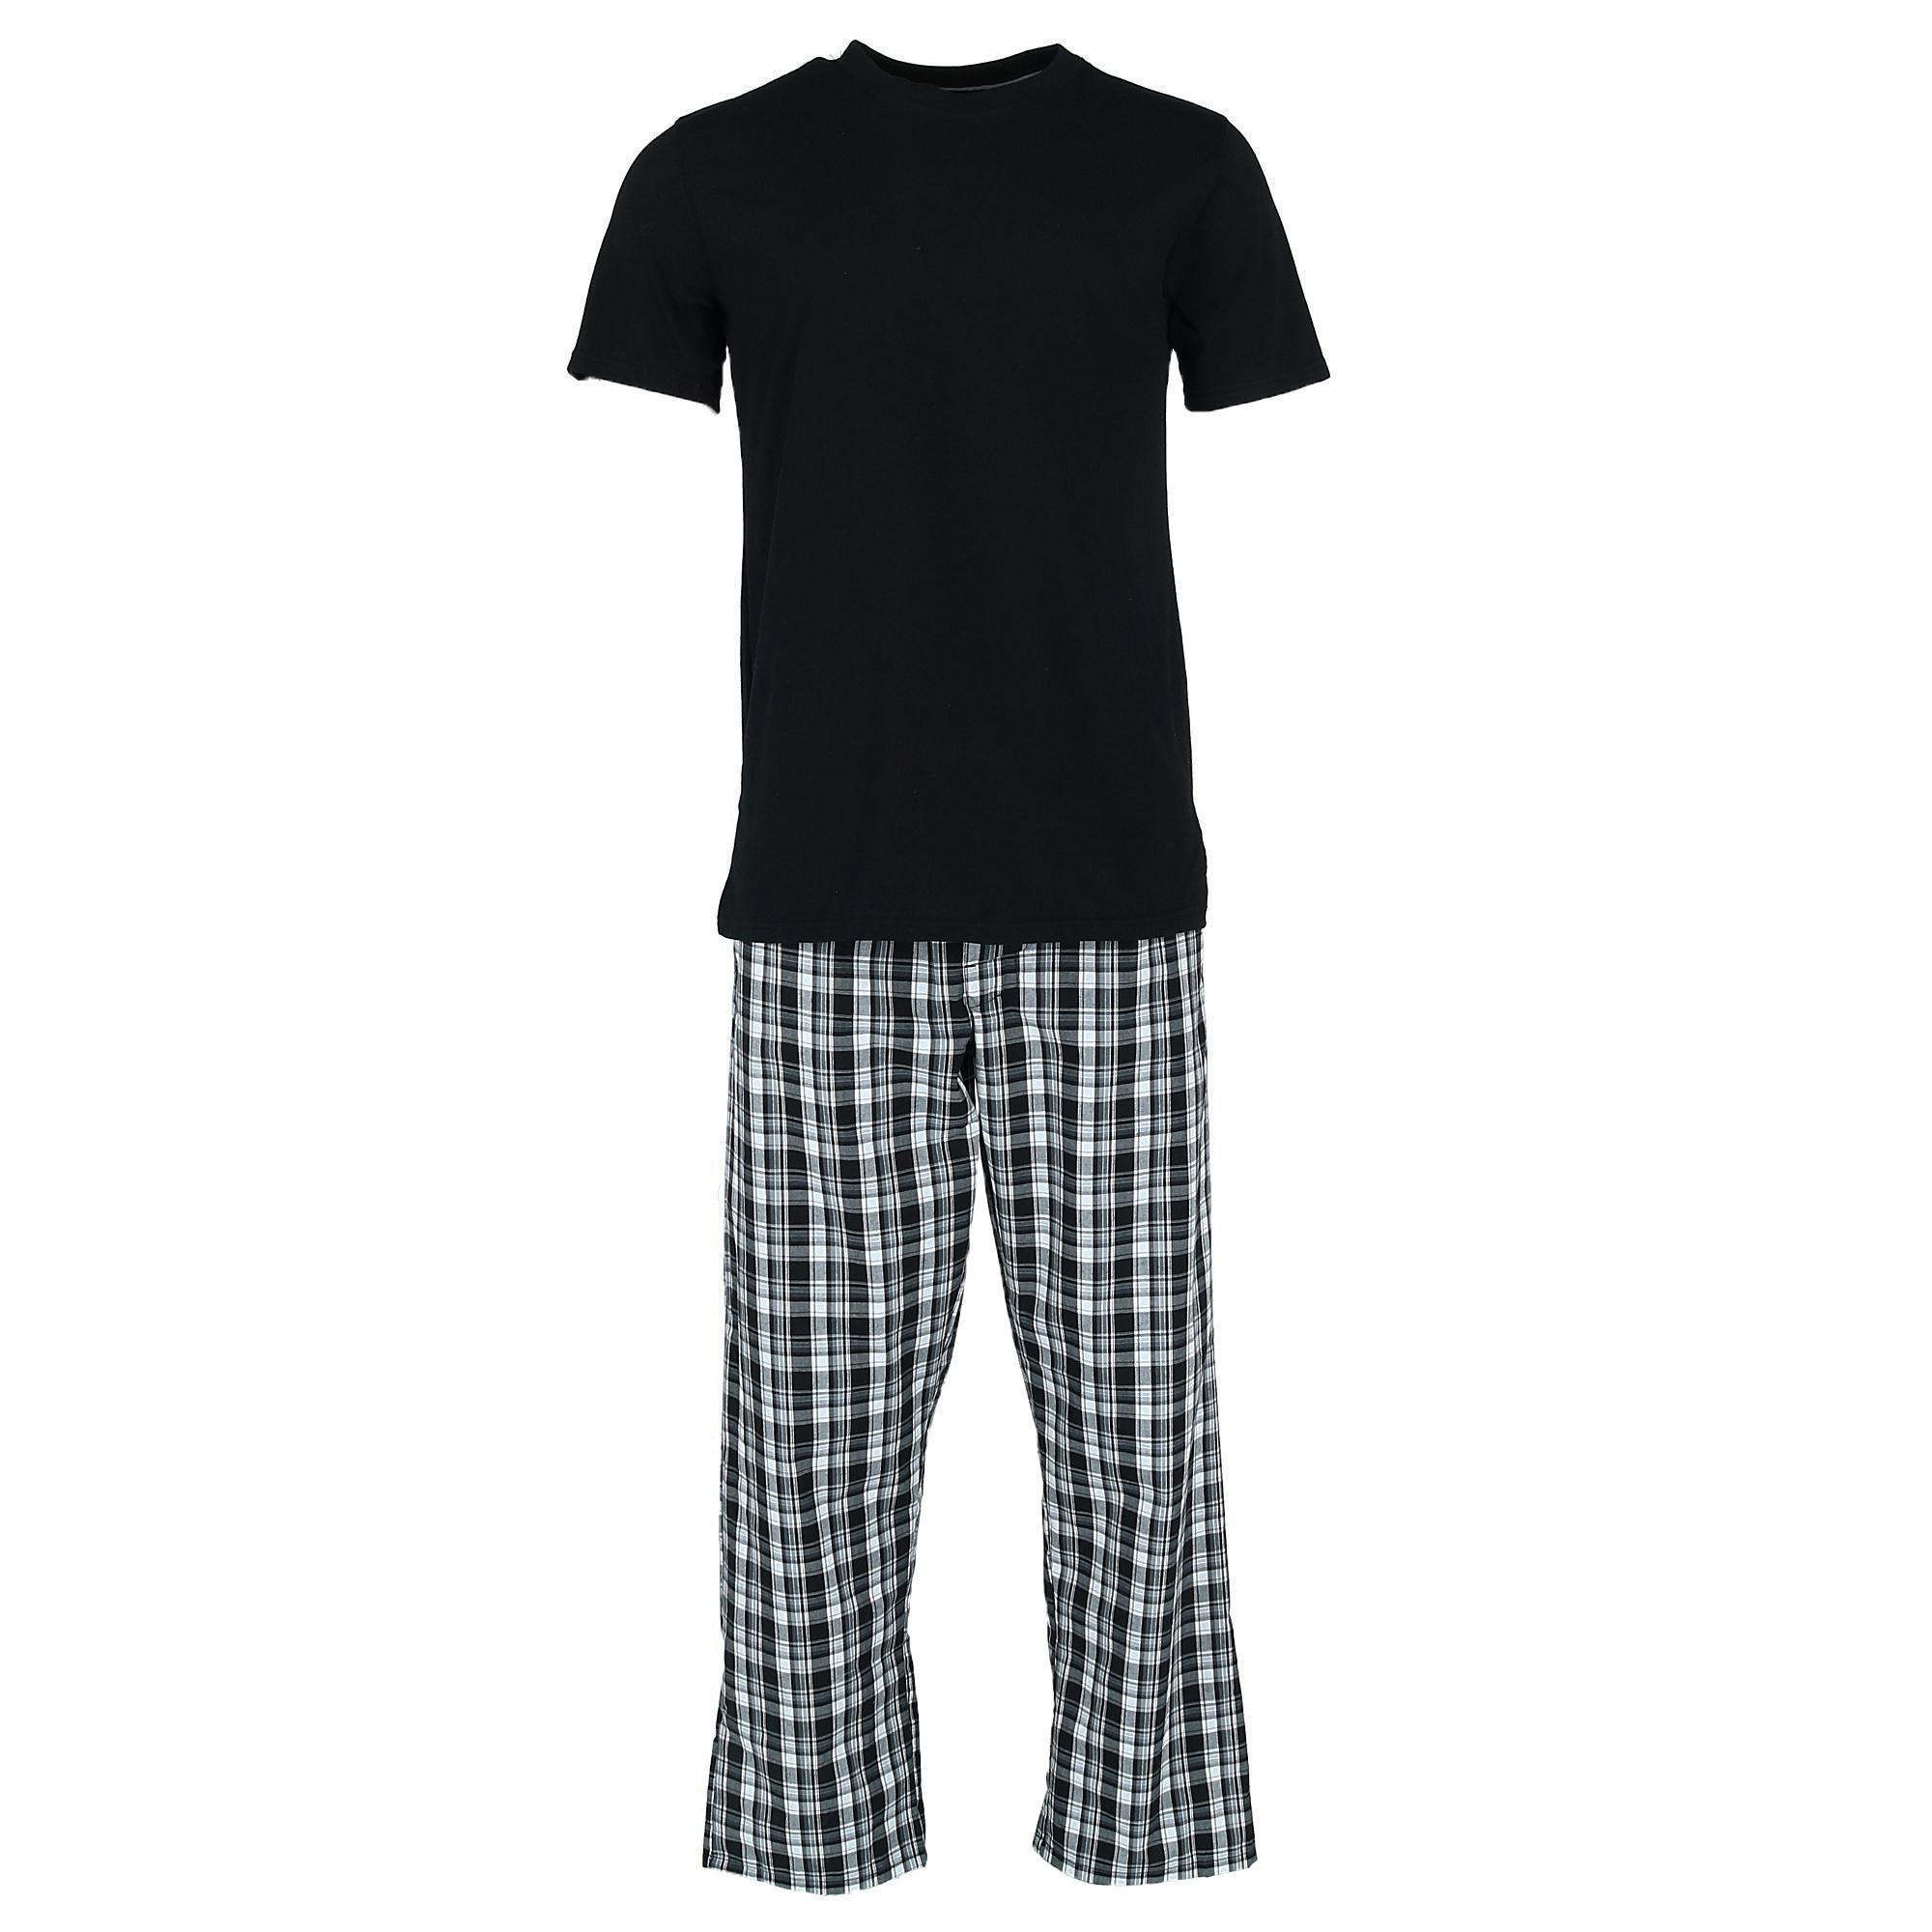 Hanes Mens Tee And Woven Sleep Pant Pajama Set